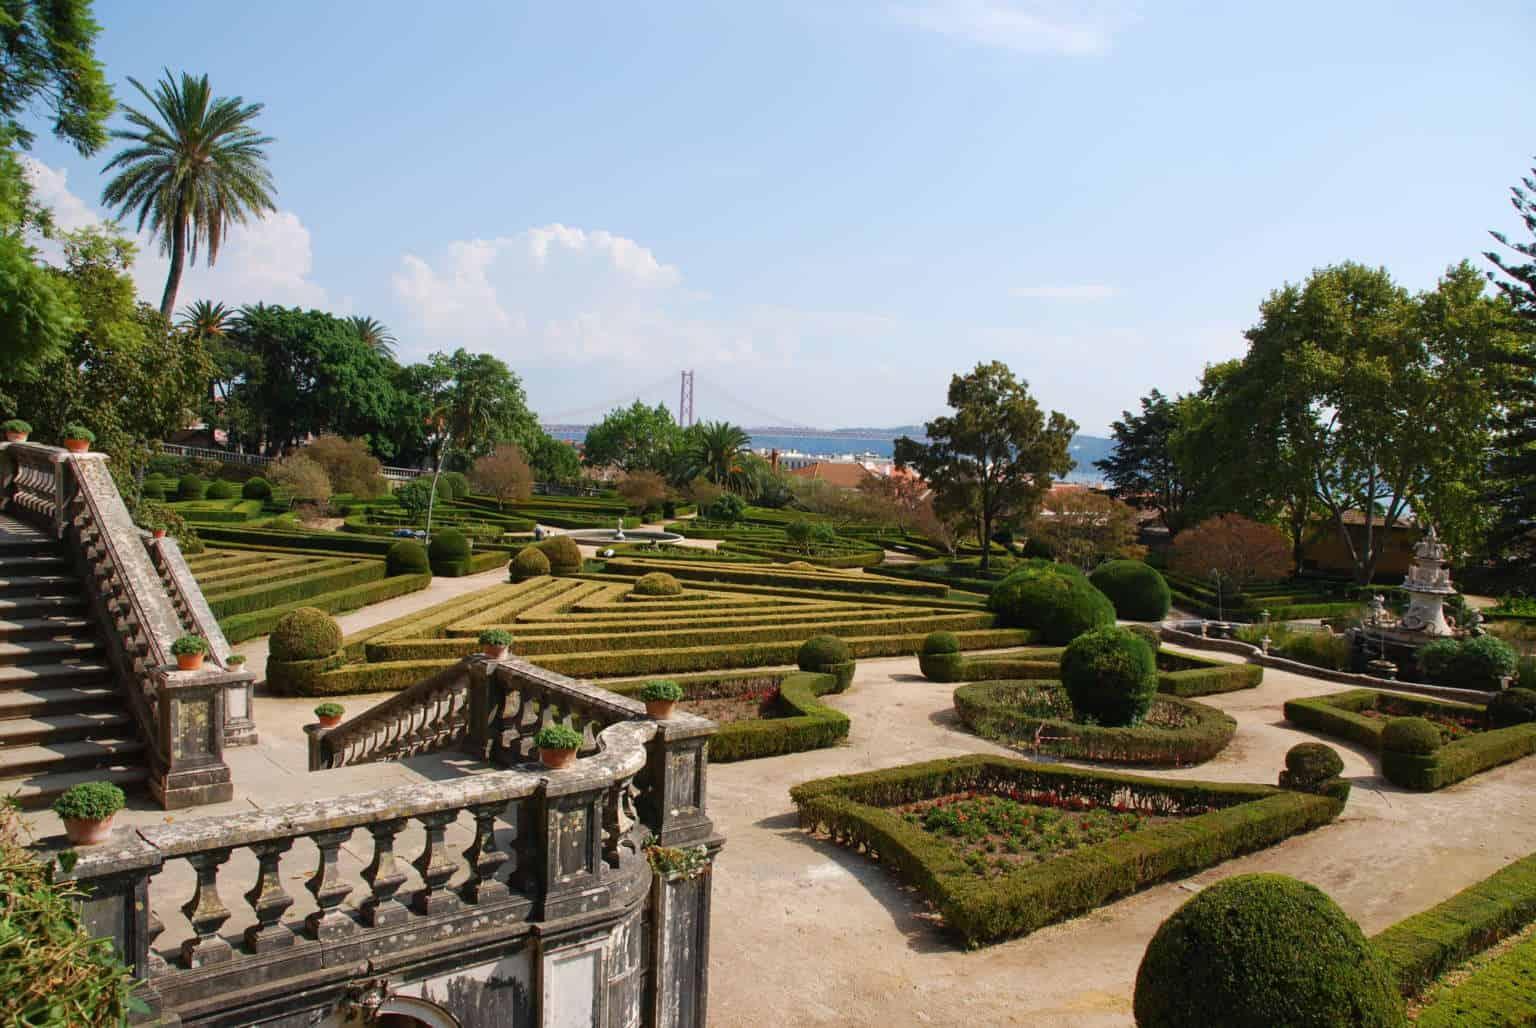 ogród Ajuda w Lizbonie